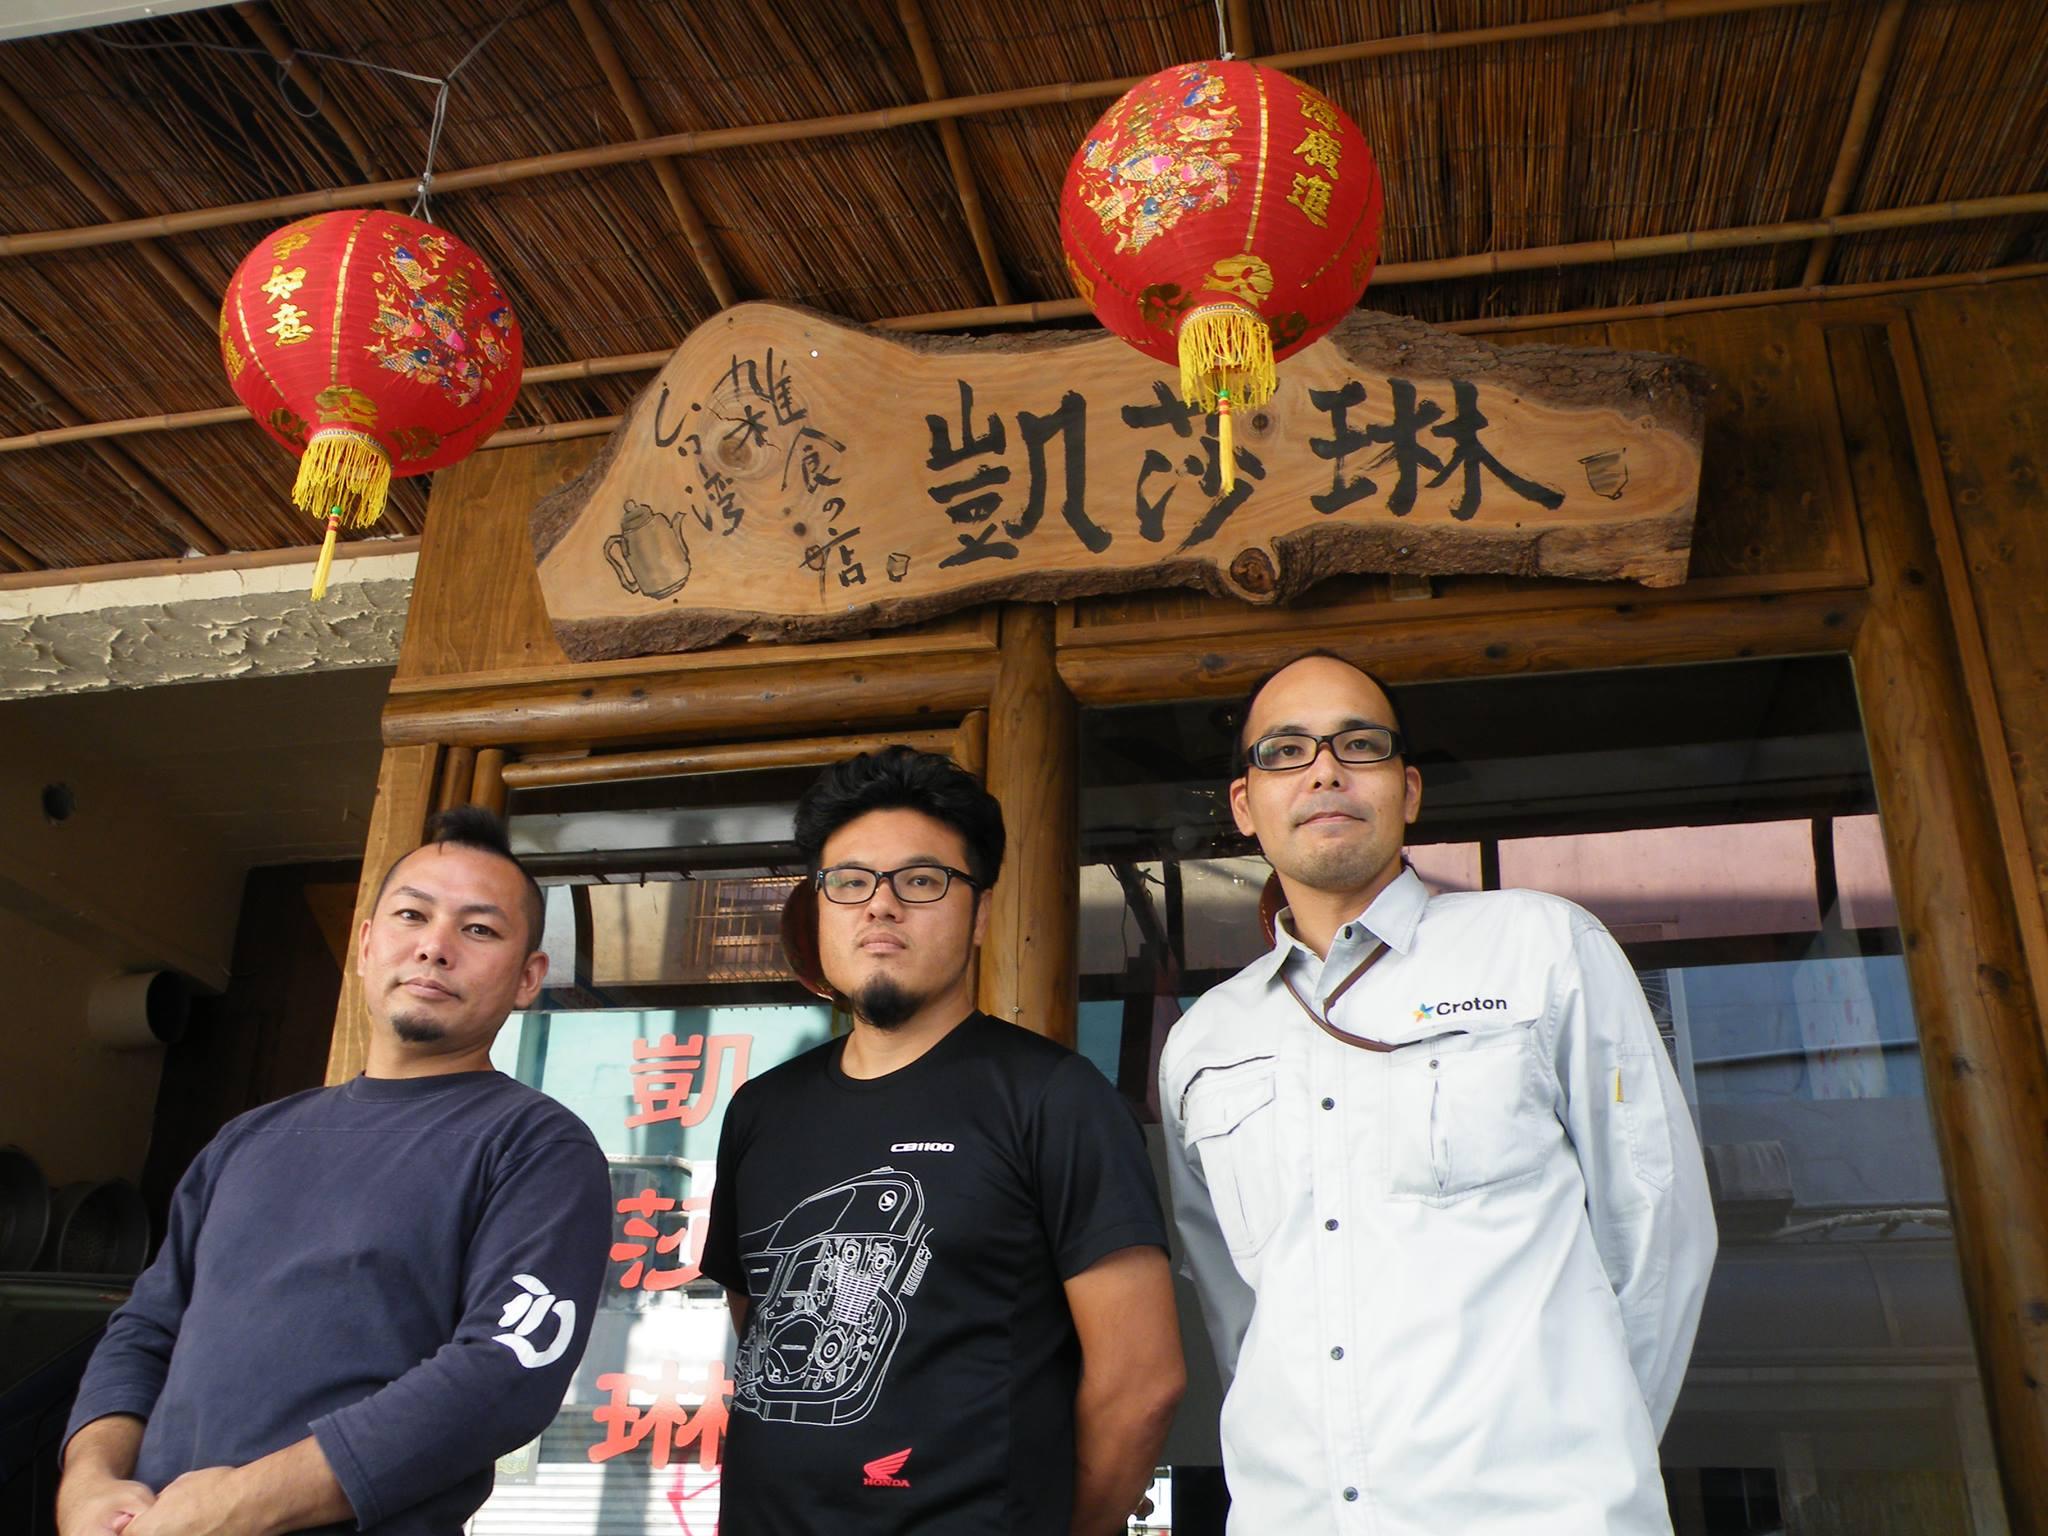 沖縄市の商店街で休眠状態の老舗ゲストハウス復活プロジェクト!